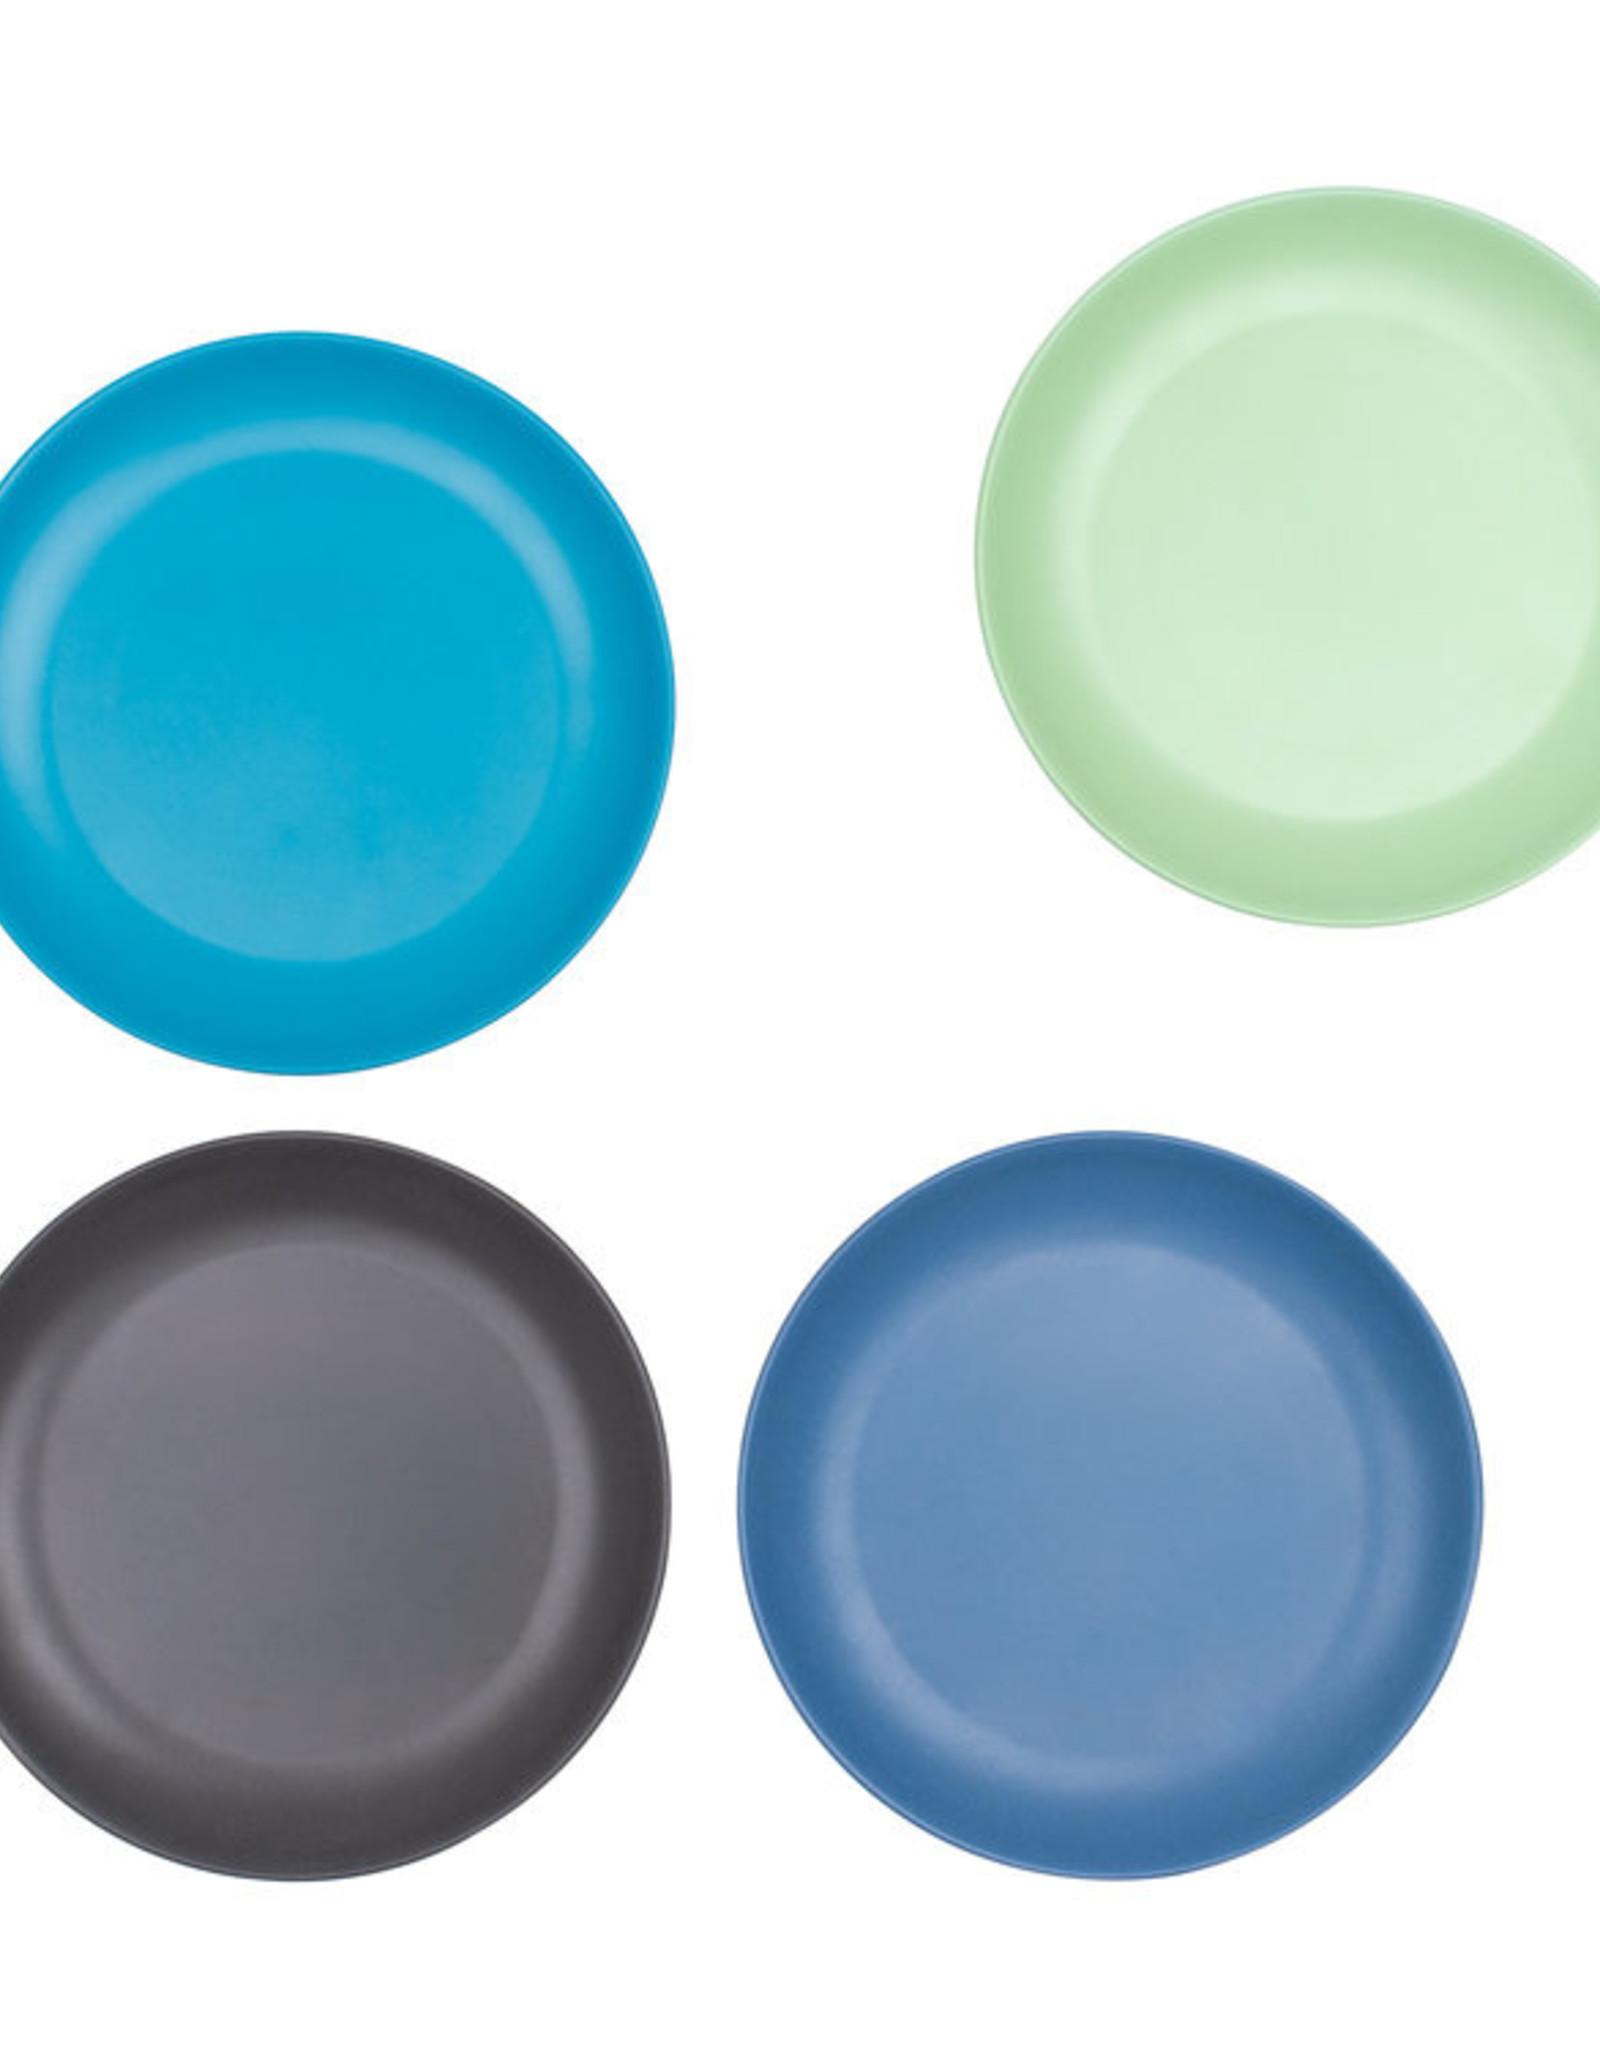 bobo & boo Bamboe borden set - Coastal blue